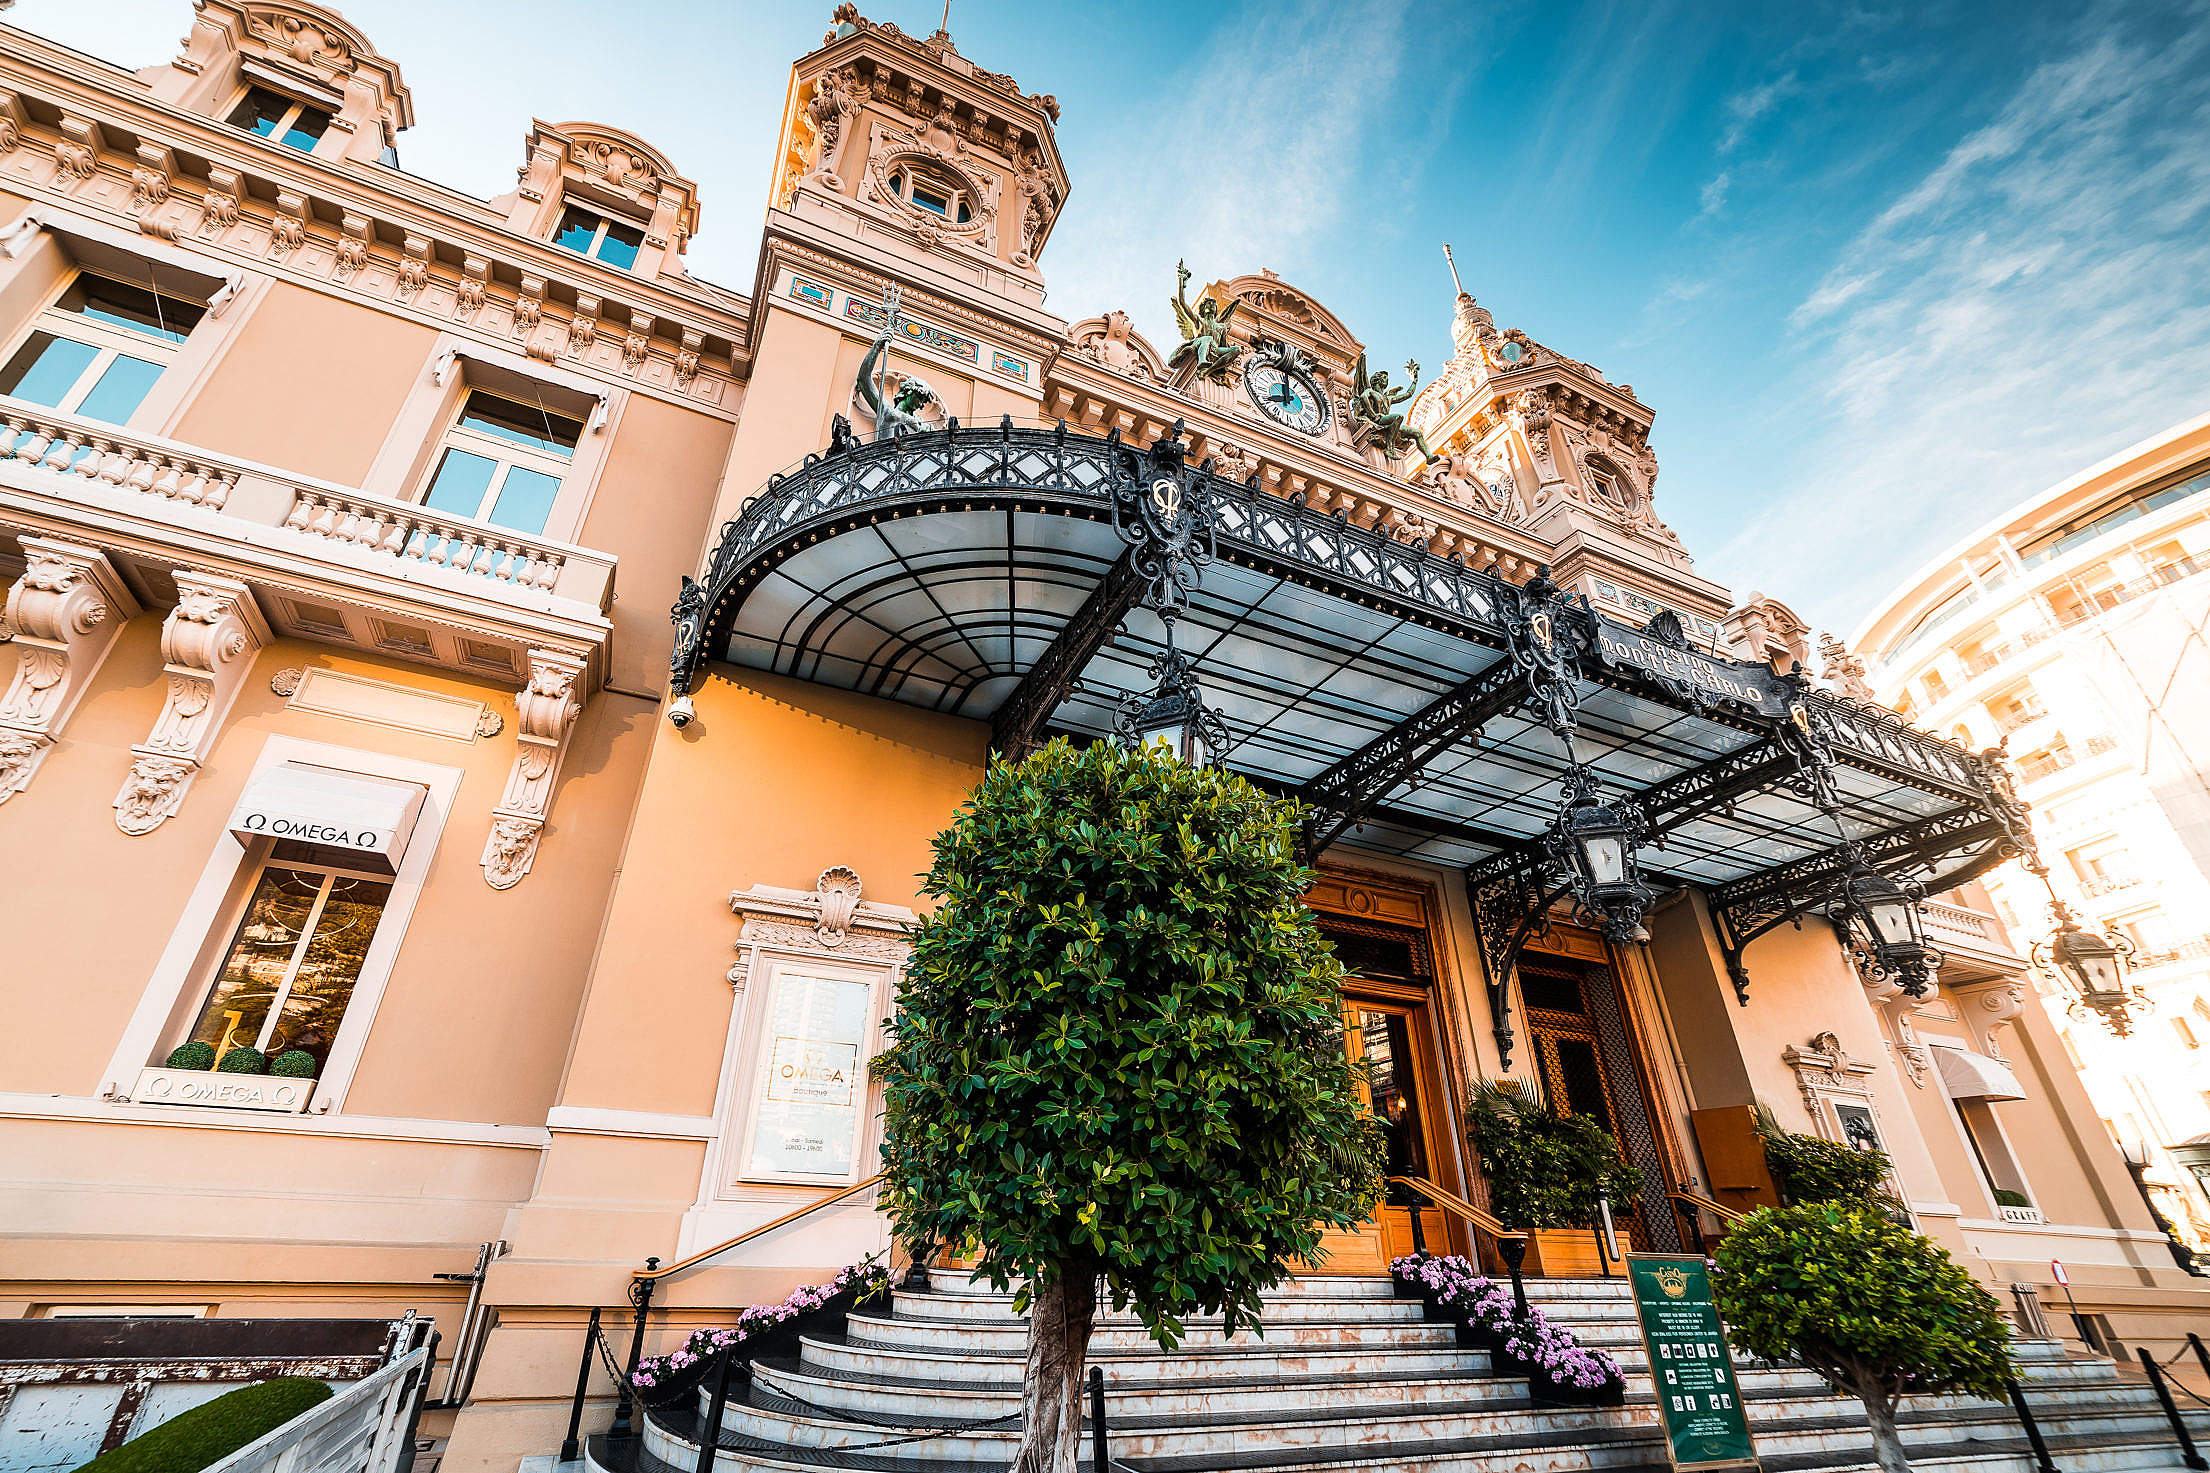 The Monte Carlo Casino Free Stock Photo